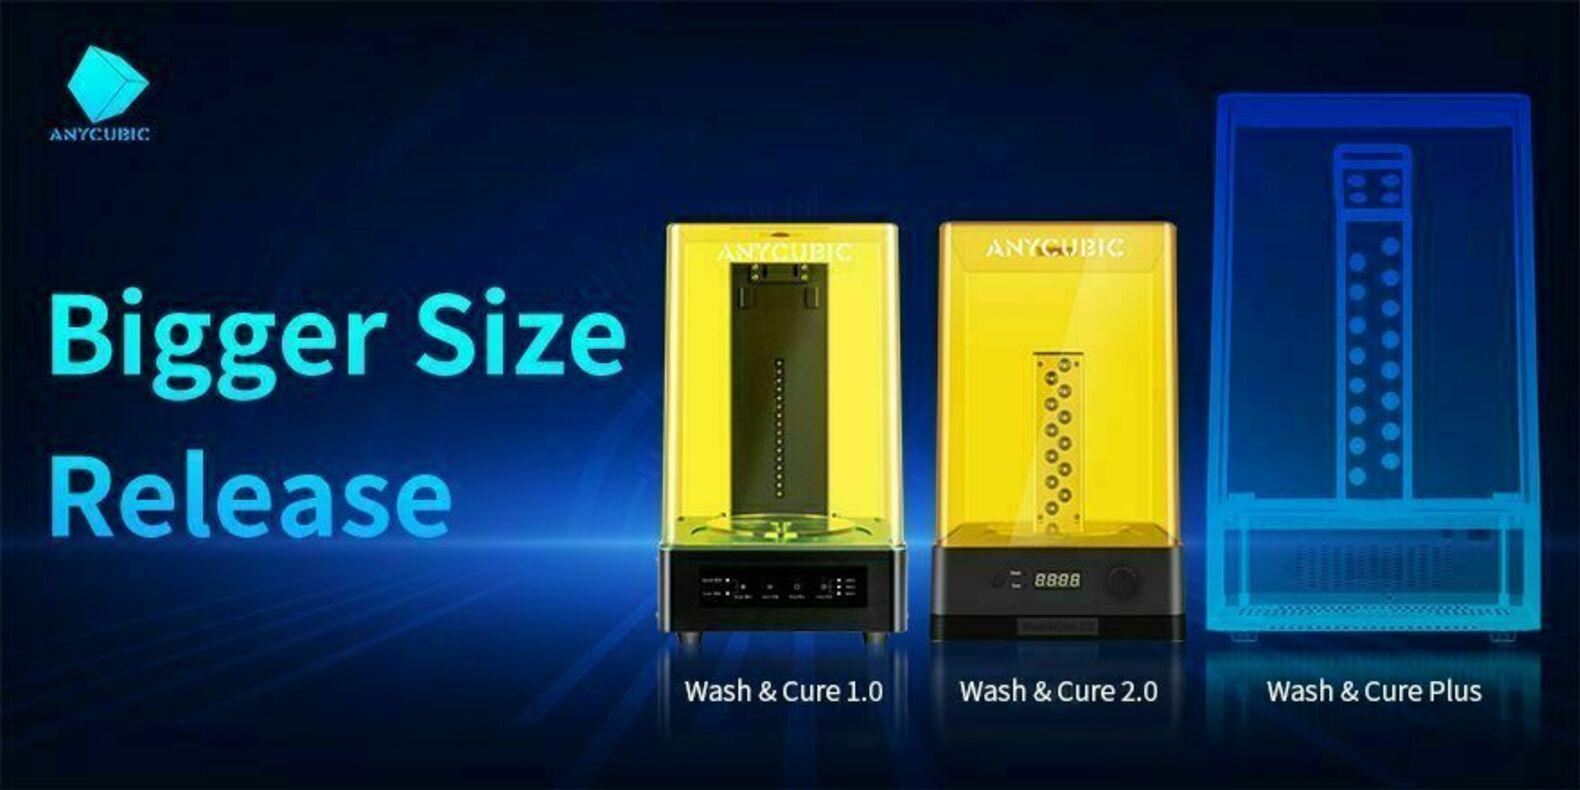 anycubic-lanza-una-nueva-maquina-para-el-post-tratamiento-de-impresiones-3d-en-resina-wash-cure-plus